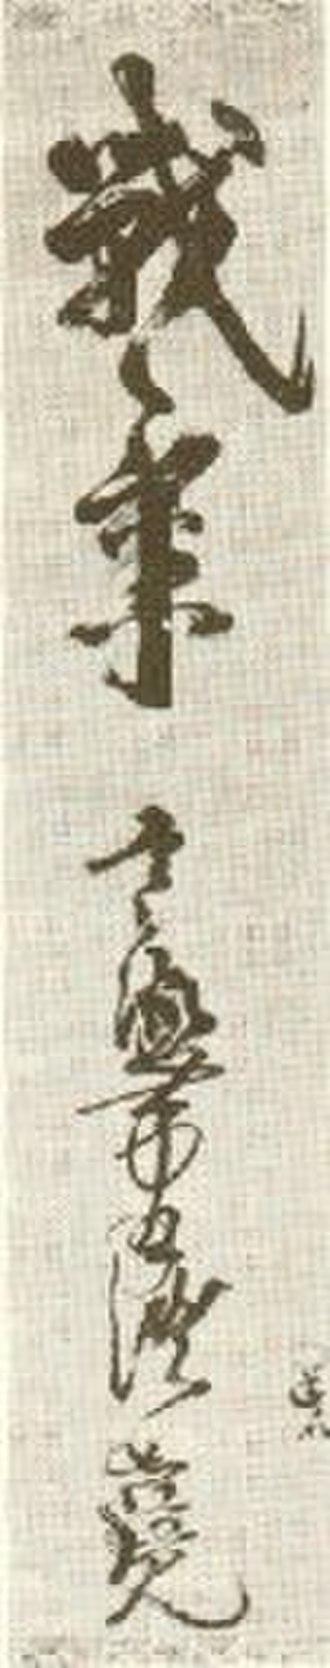 The Book of Five Rings - Image: Kanjisenki